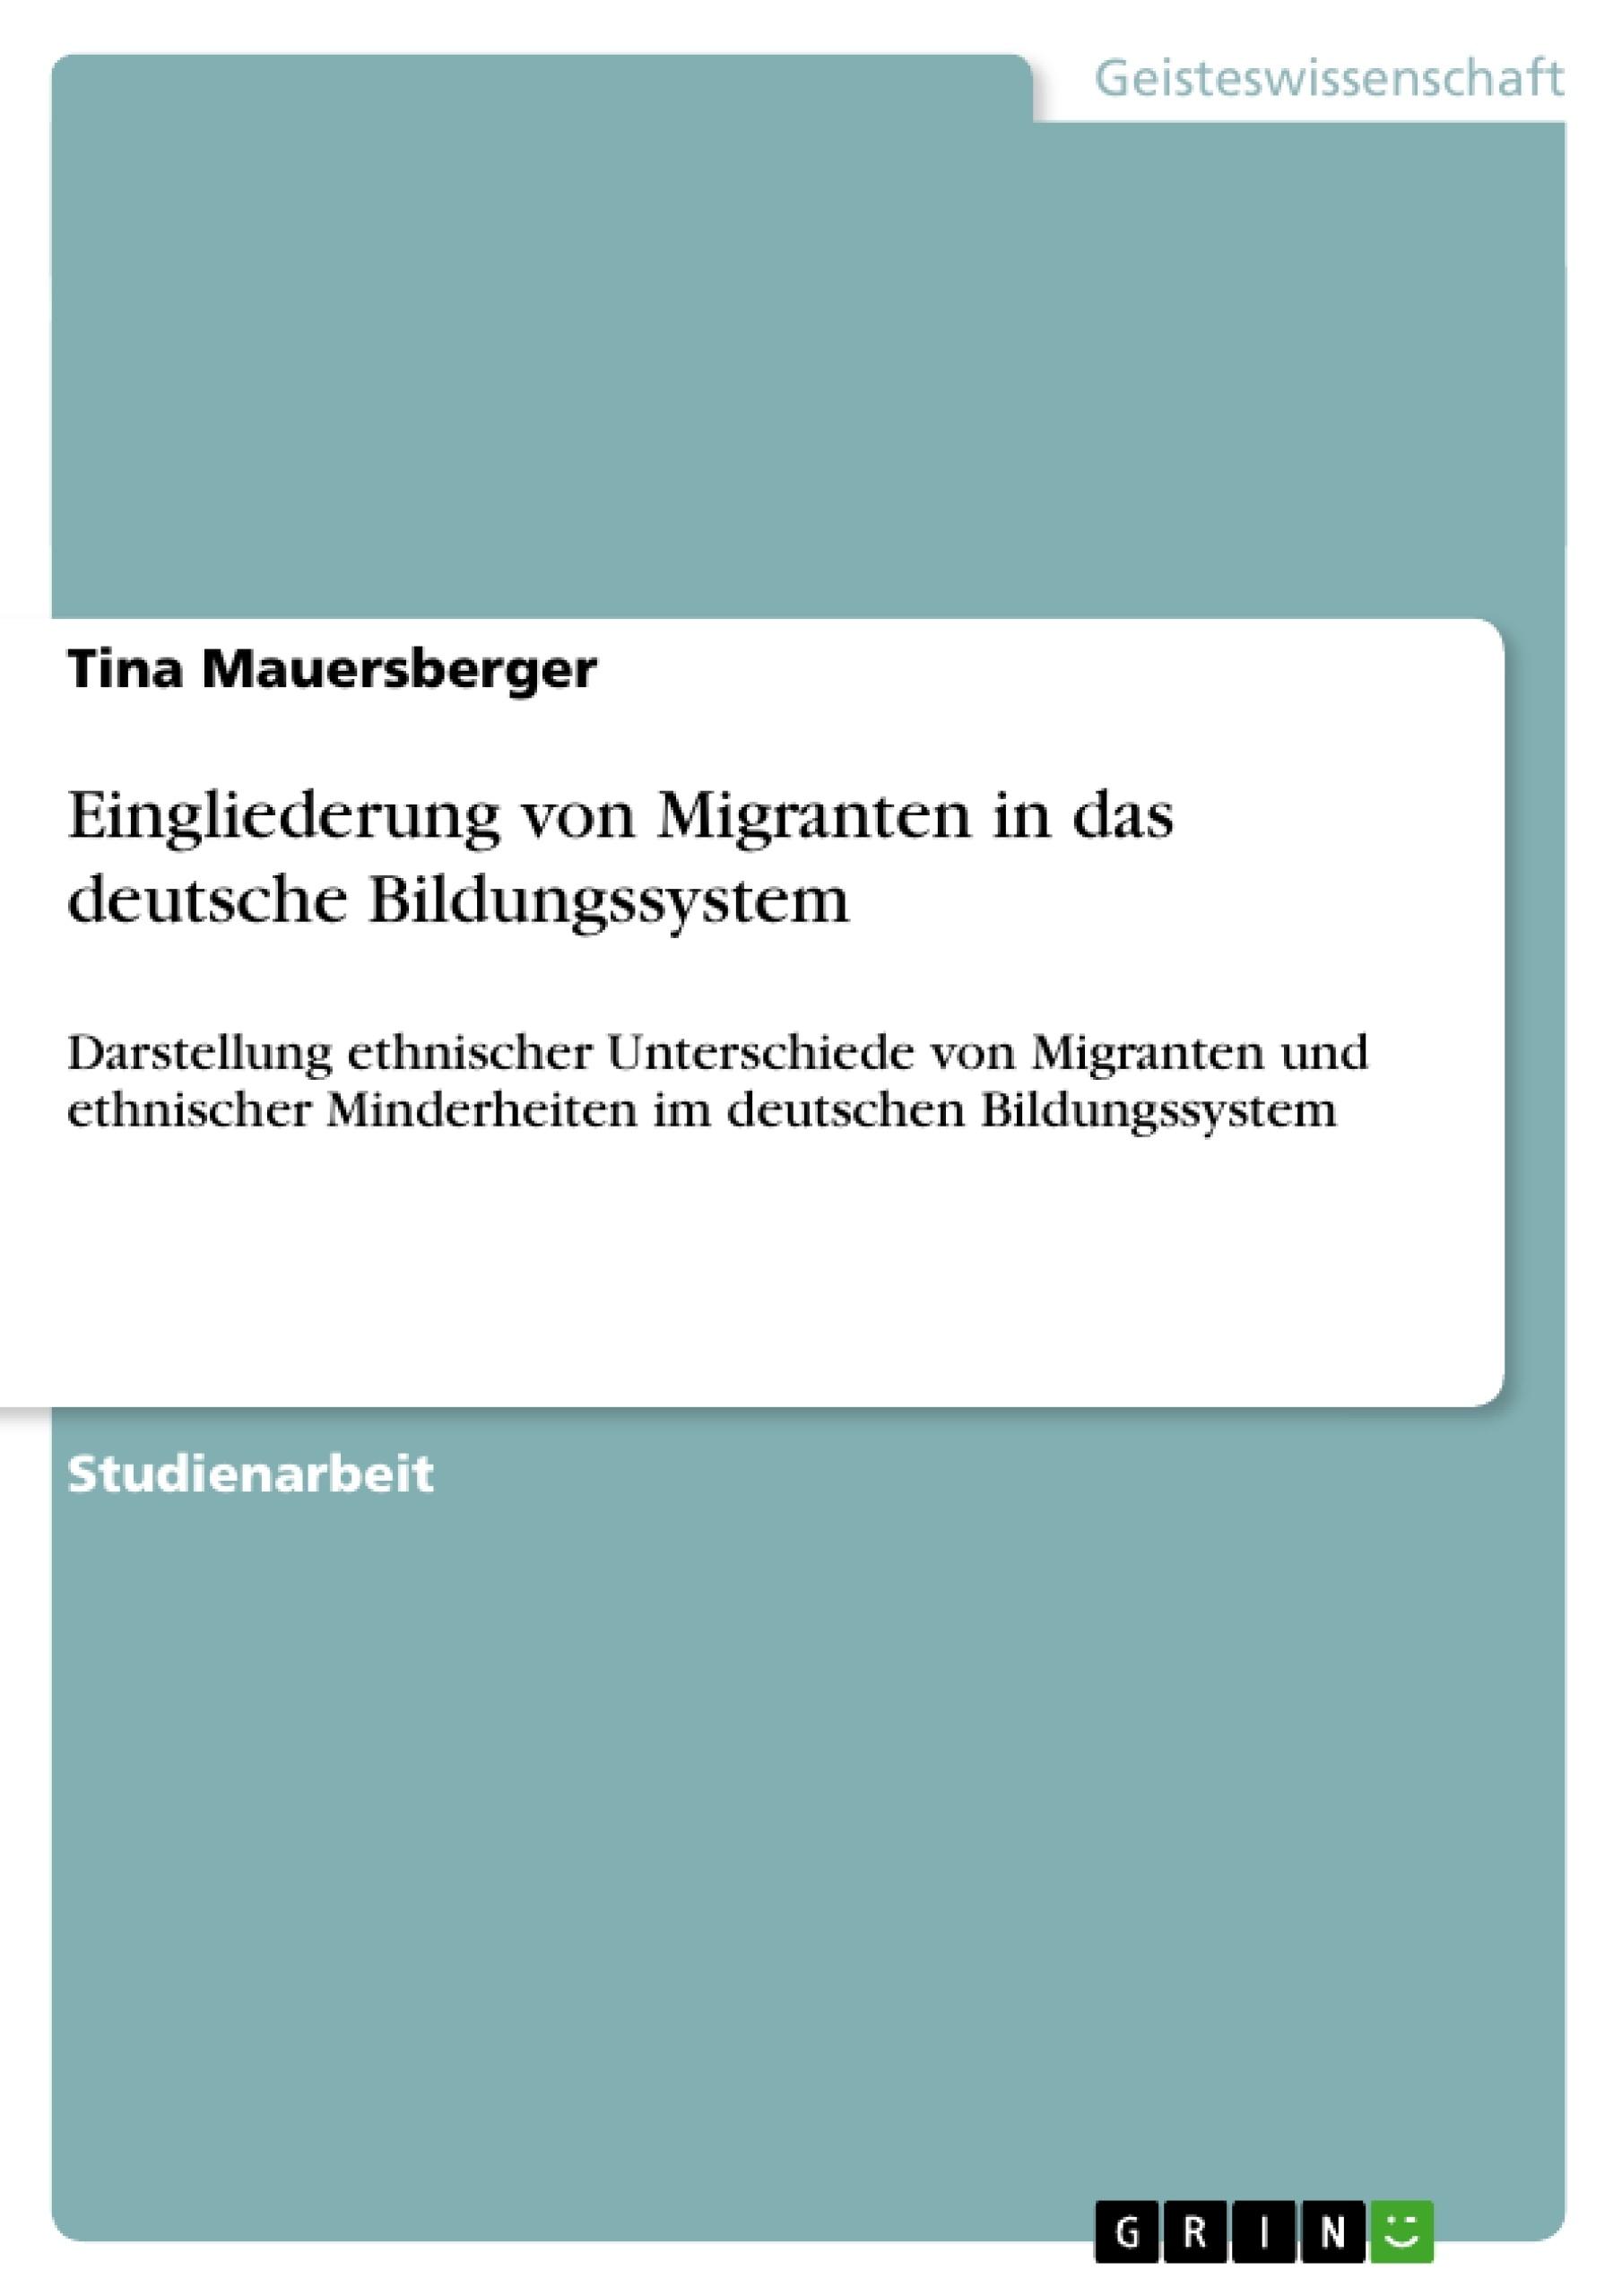 Titel: Eingliederung von Migranten in das deutsche Bildungssystem